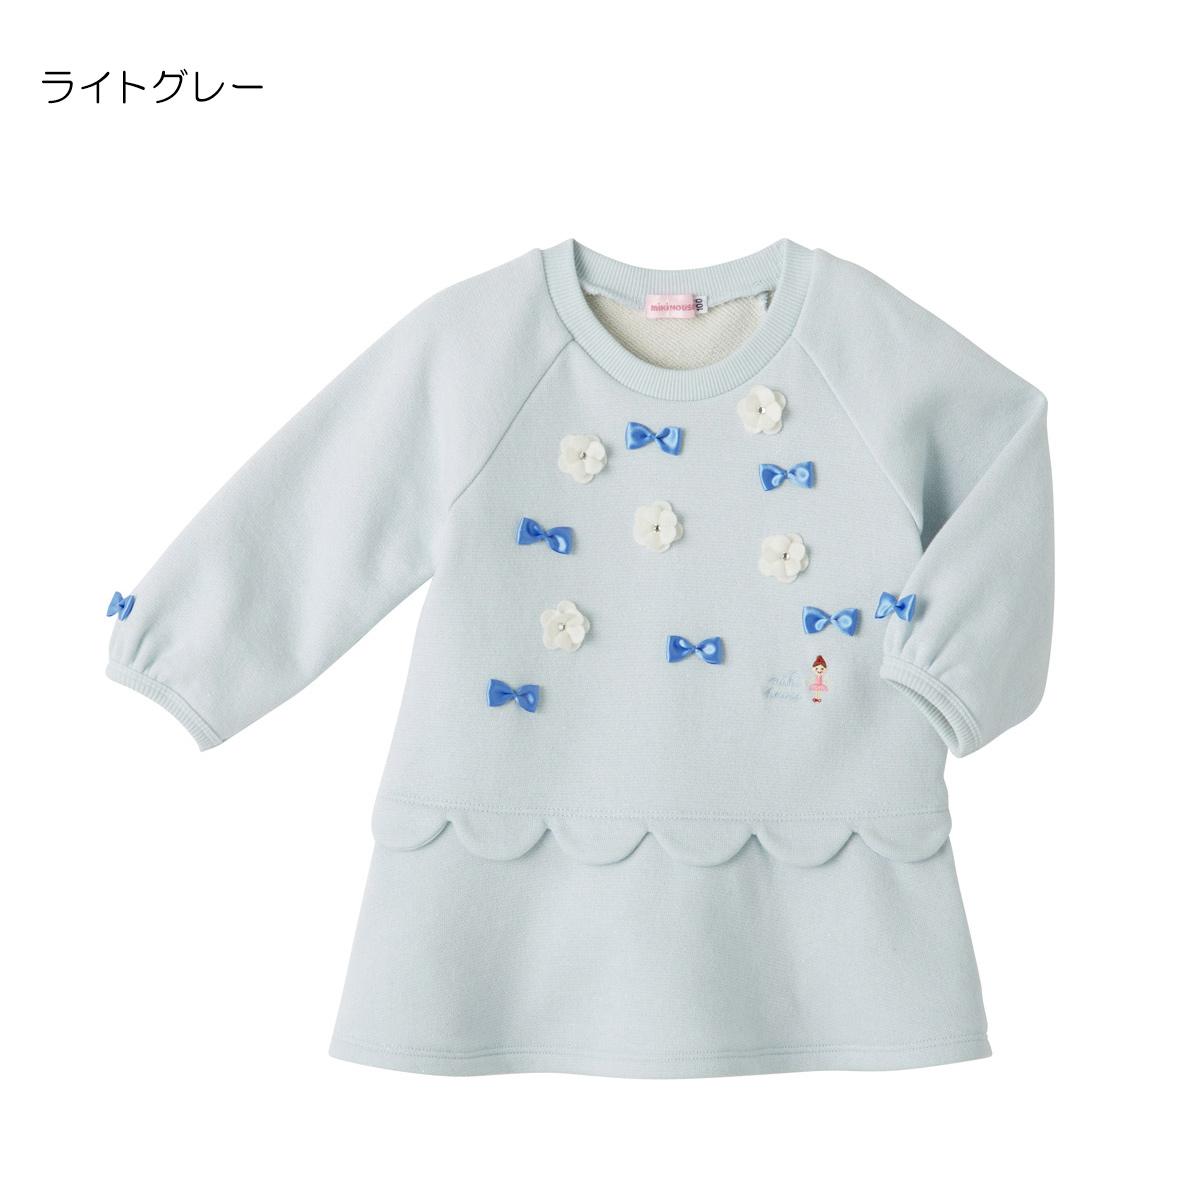 ミキハウス mikihouse リーナちゃん8分袖ラメトレーナー(110cm・120cm・130cm・140cm)